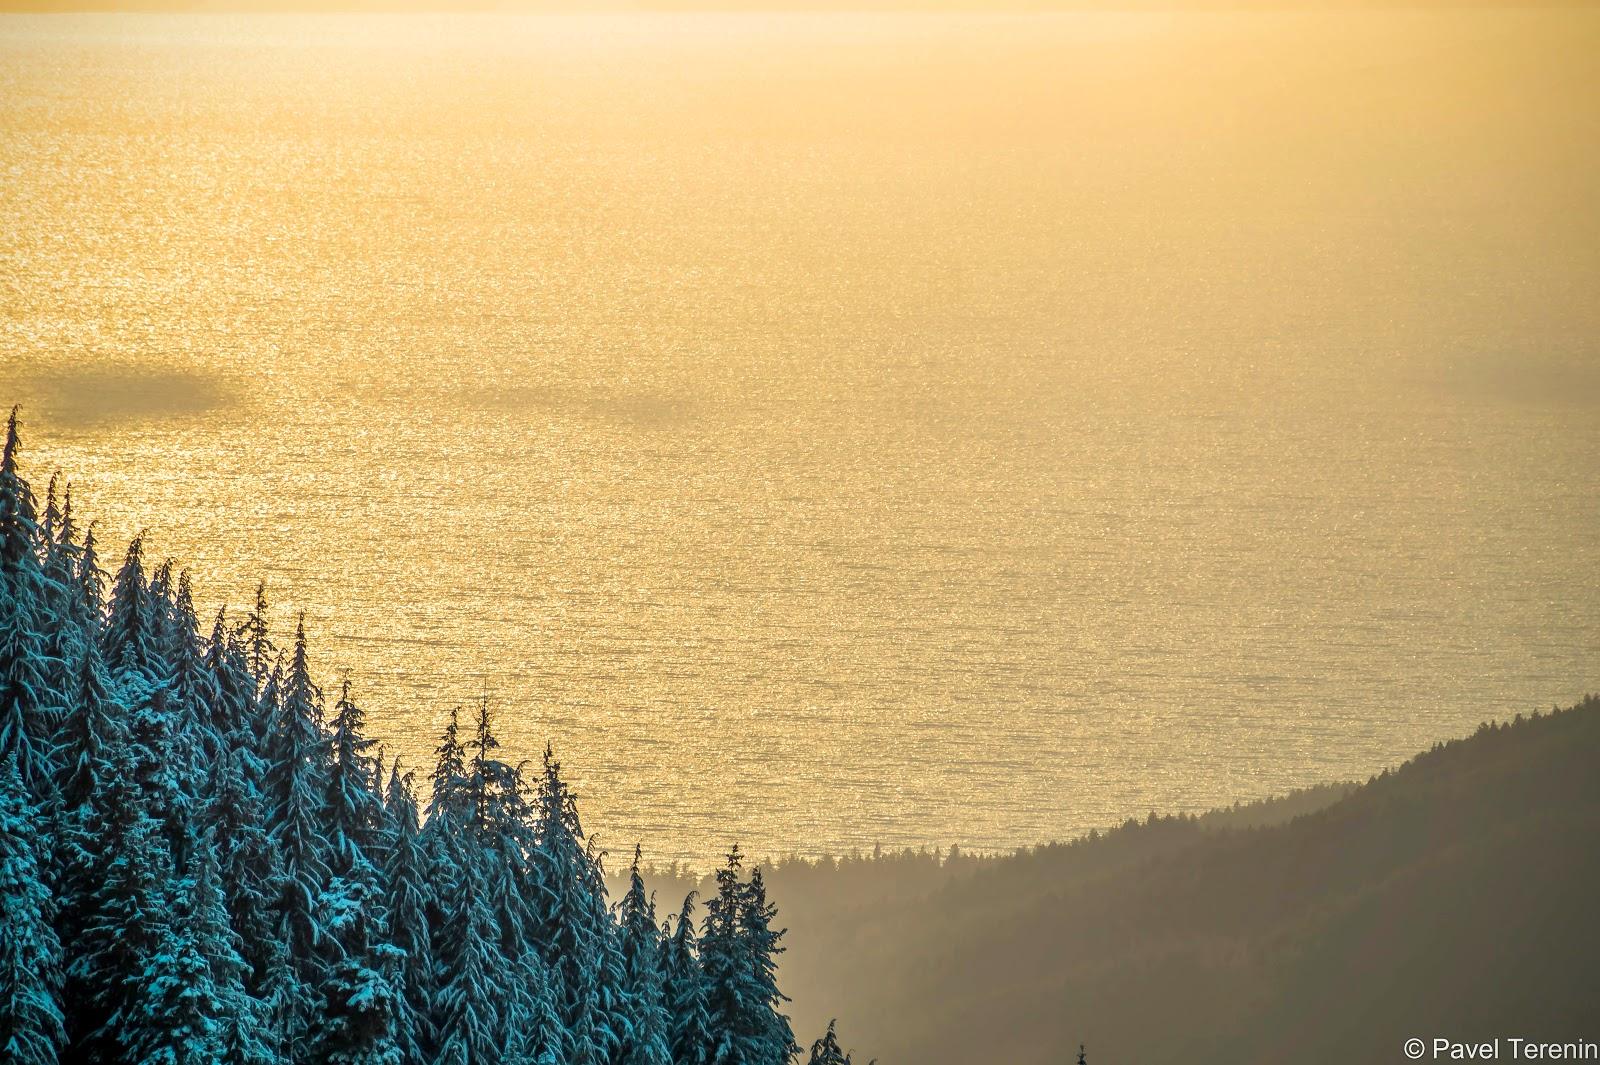 Тем временем солнце стало клониться к закату, окрашивая океан и острова в тёплые цвета.